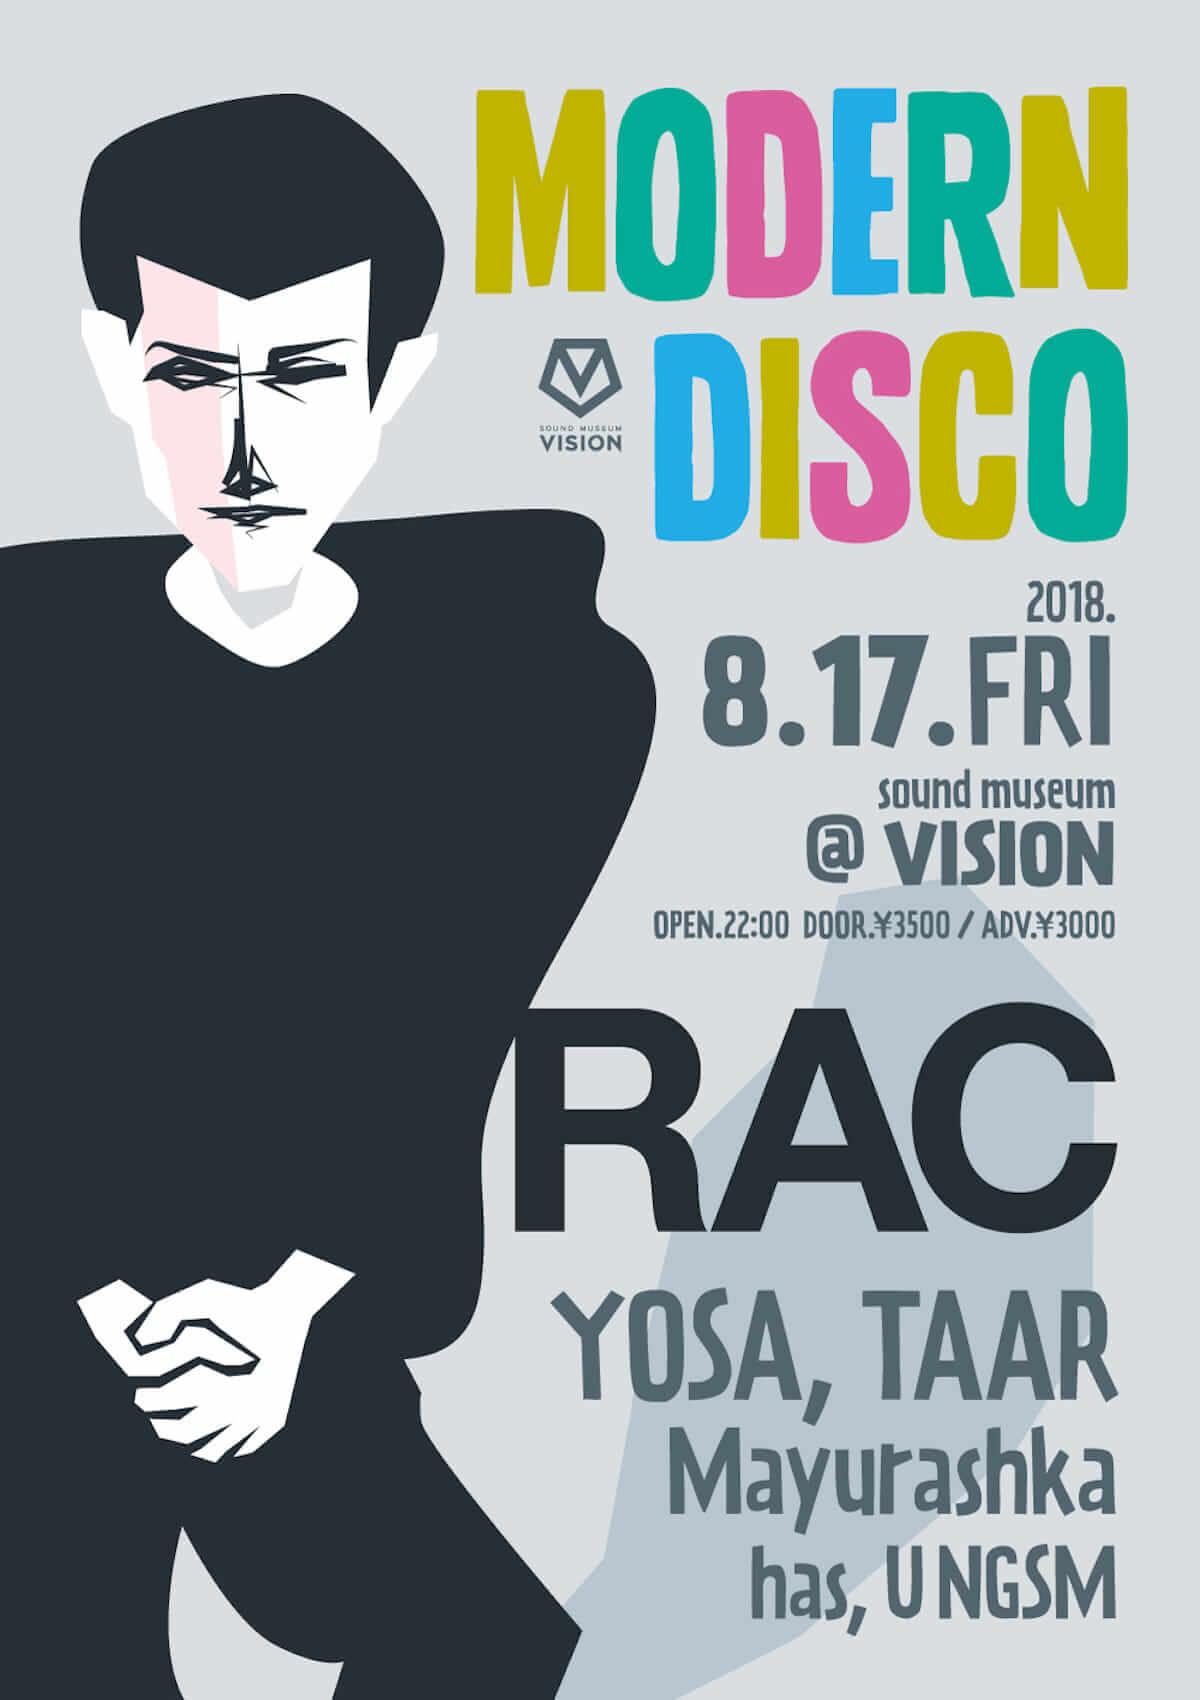 グラミー賞最優秀リミックス・レコーディング賞を受賞したRACがMODERN DISCOに初登場! music180814-modern-disco-1-1200x1700